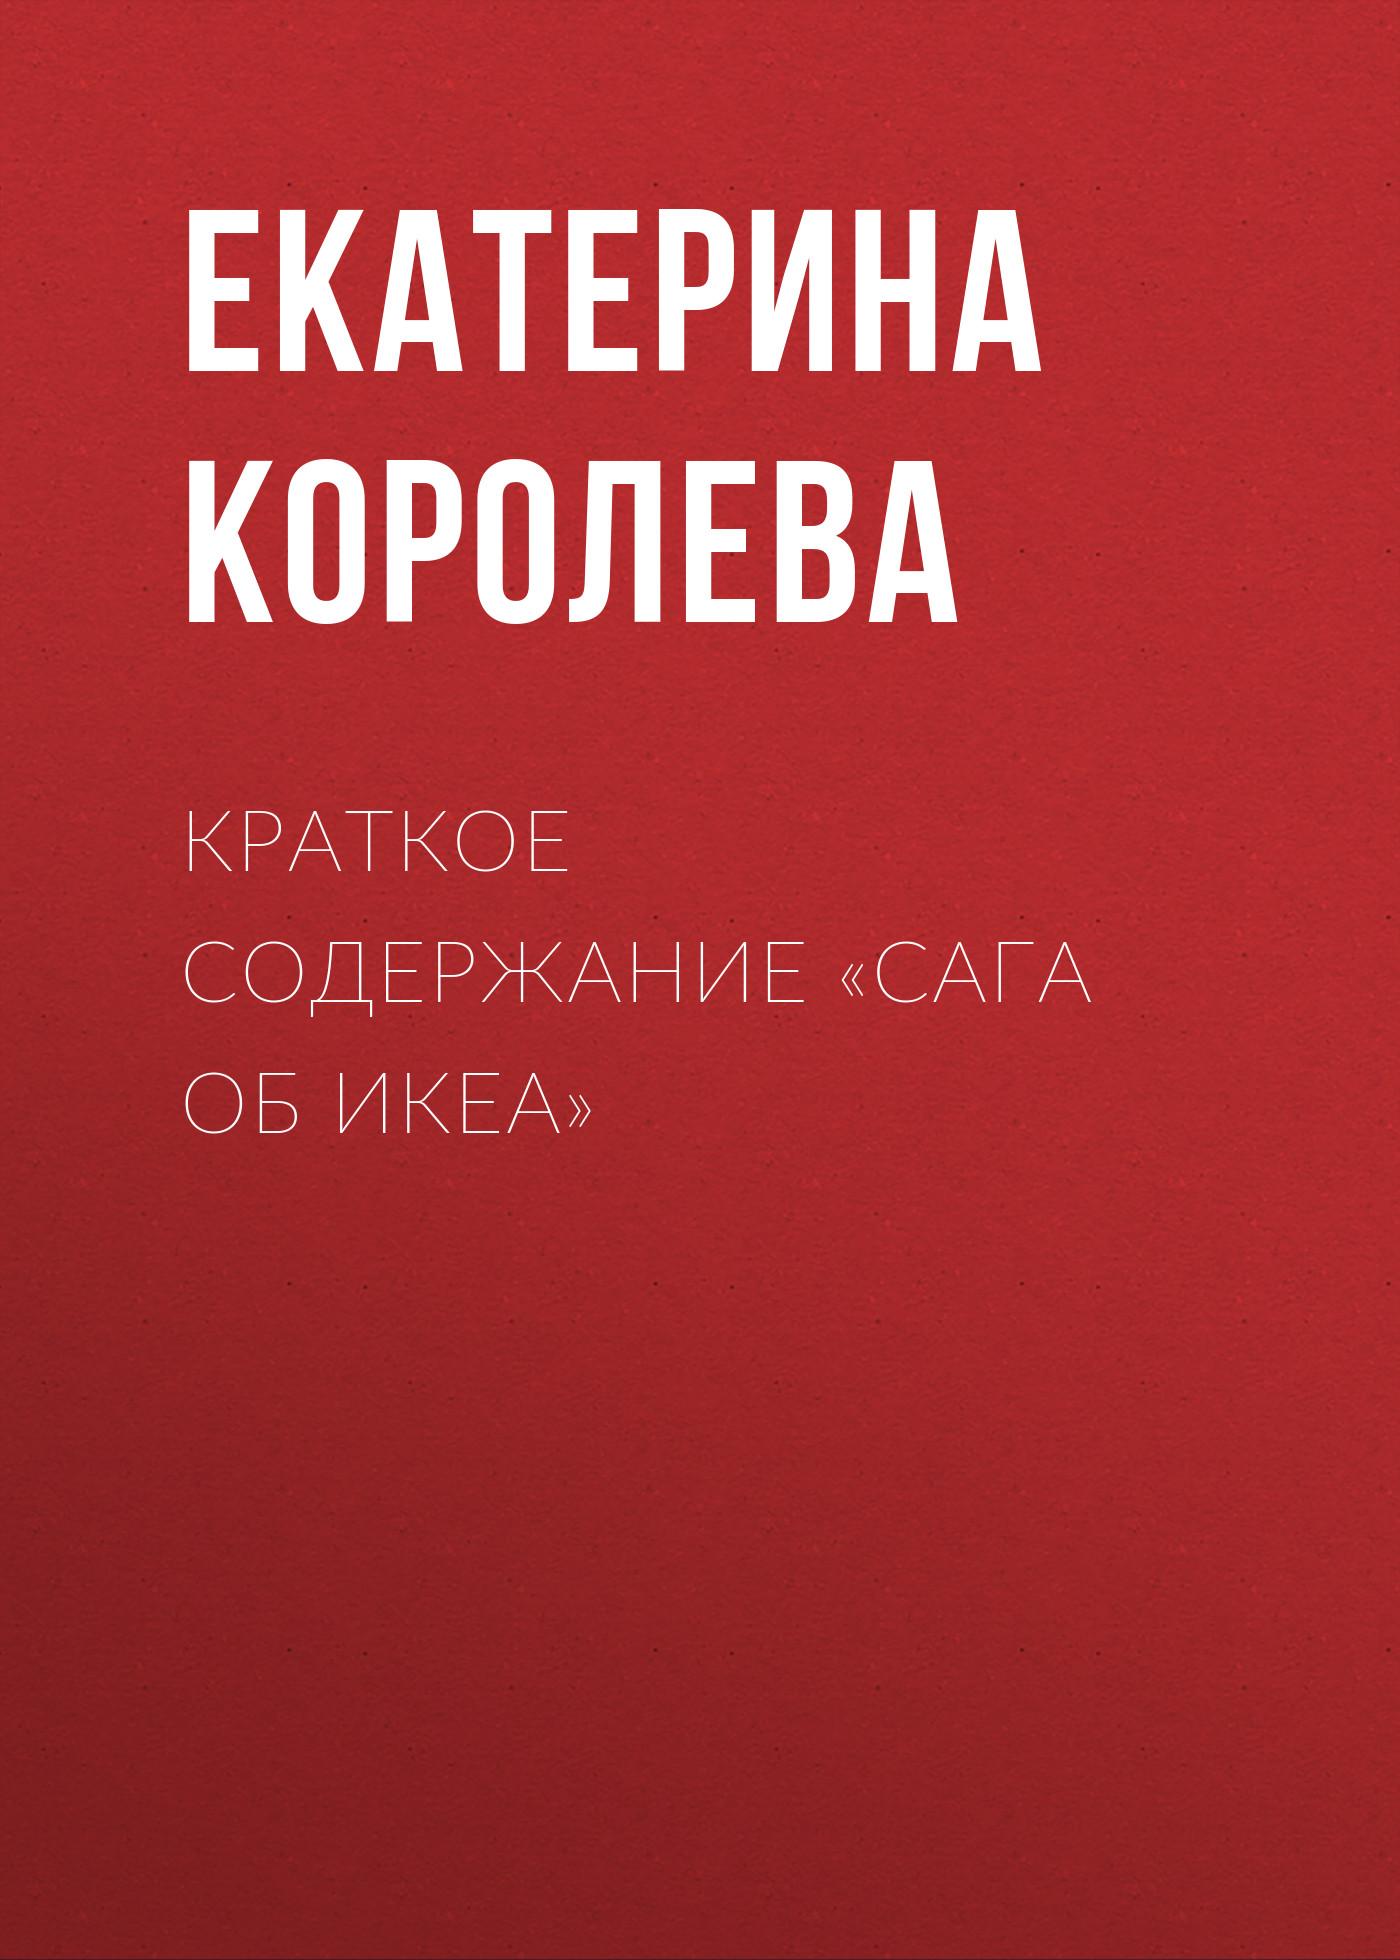 Екатерина Королева Краткое содержание «Сага об ИКЕА» обеденный стул ikea ikea home shopping service ikea